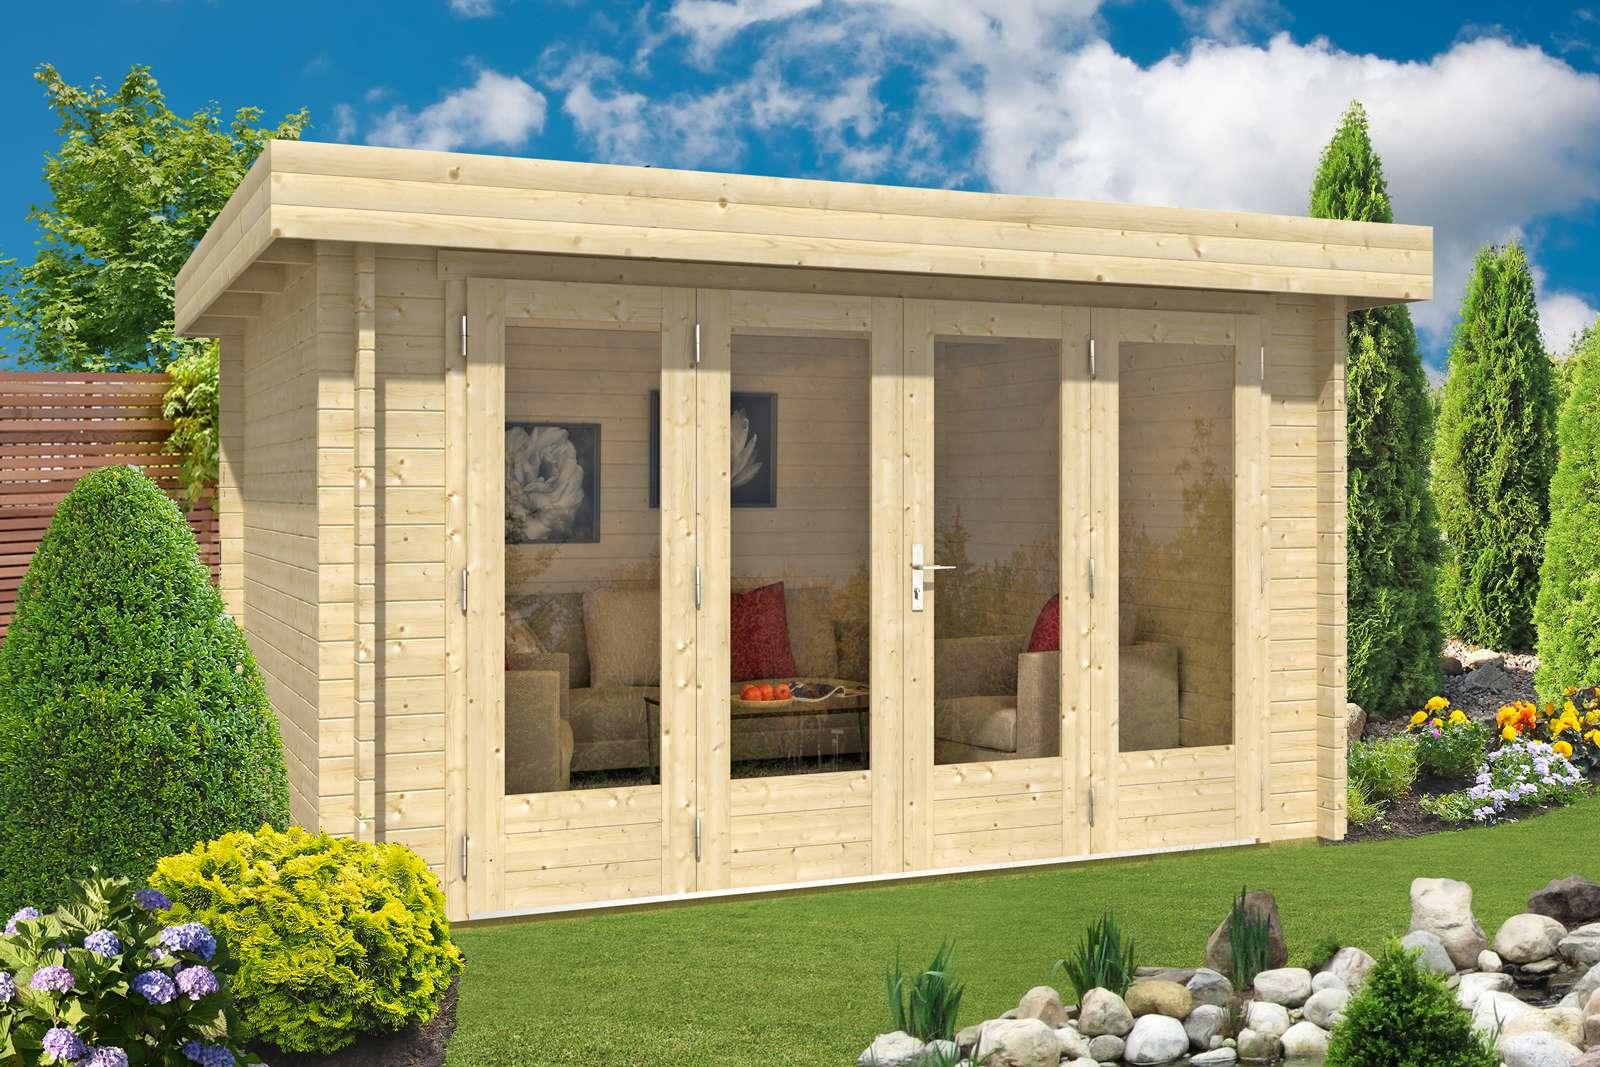 Gartenhaus Mit Unterstand gartenhaus mit flachdach günstig kaufen 0 chf versandkosten